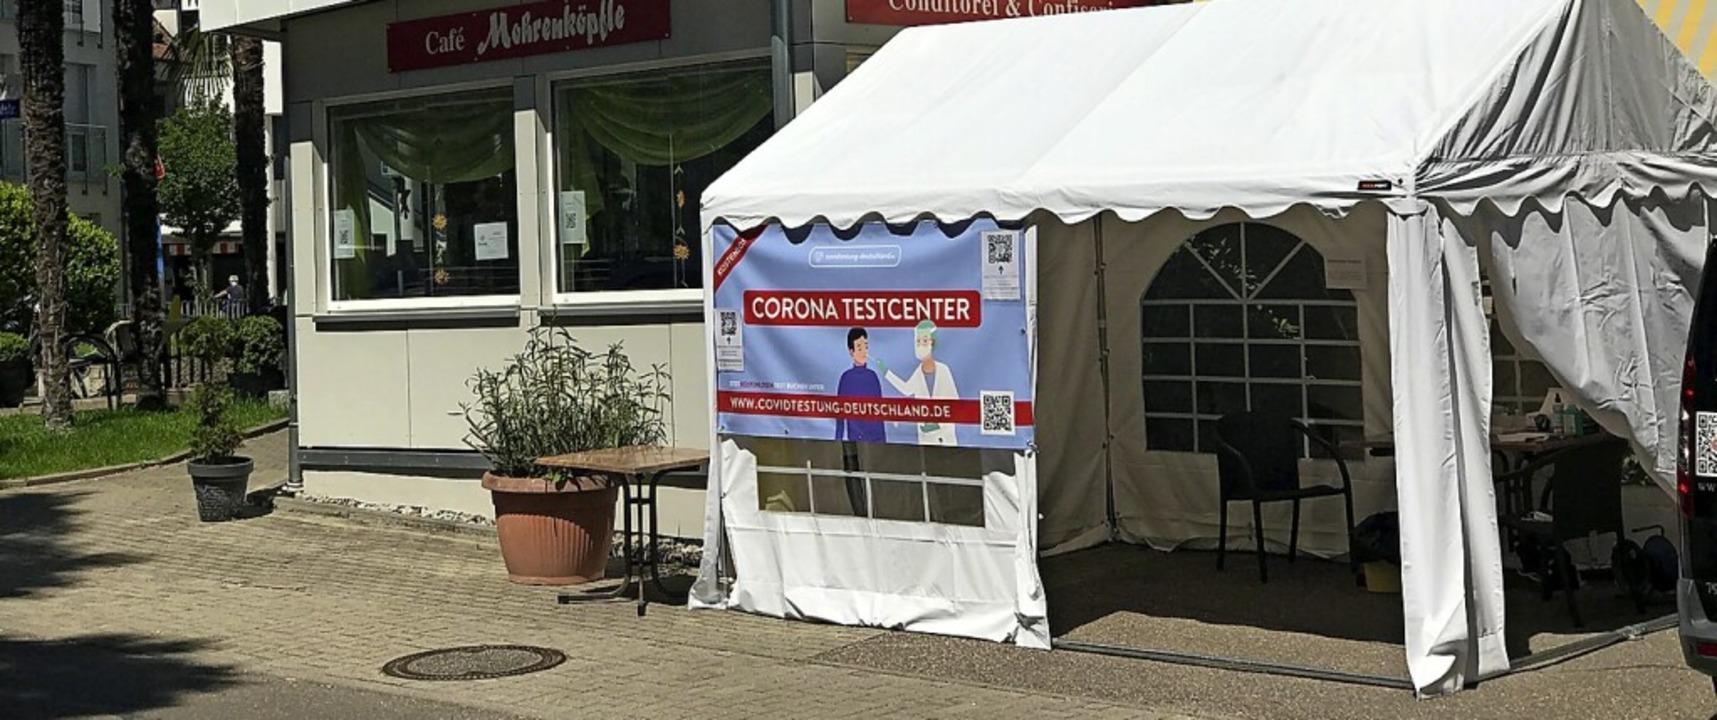 Die Test-Einrichtung beim Café Mohrenköpfle war am Freitag noch geöffnet.  | Foto: Hans-Peter Müller